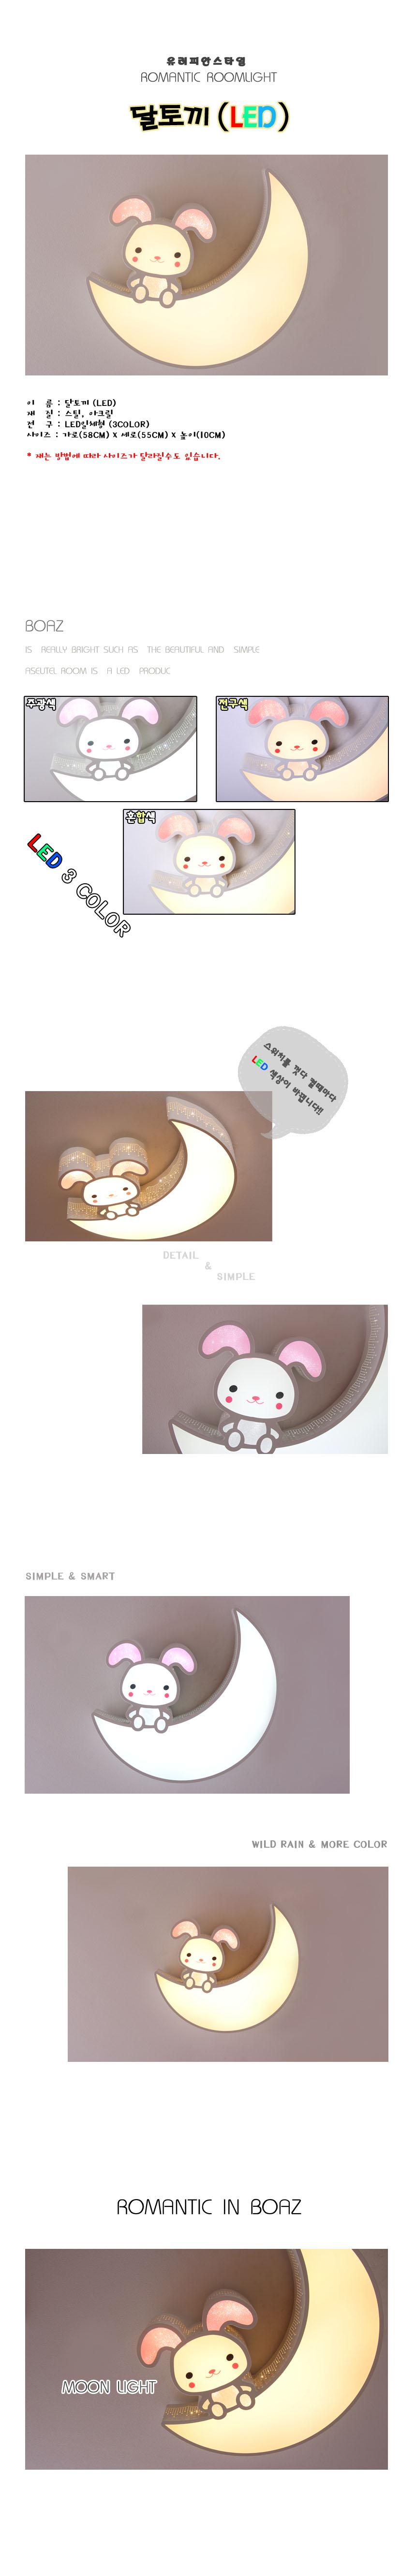 boaz 달토끼 방등(3color) - 보아스라이팅, 72,000원, 리빙조명, 방등/천장등